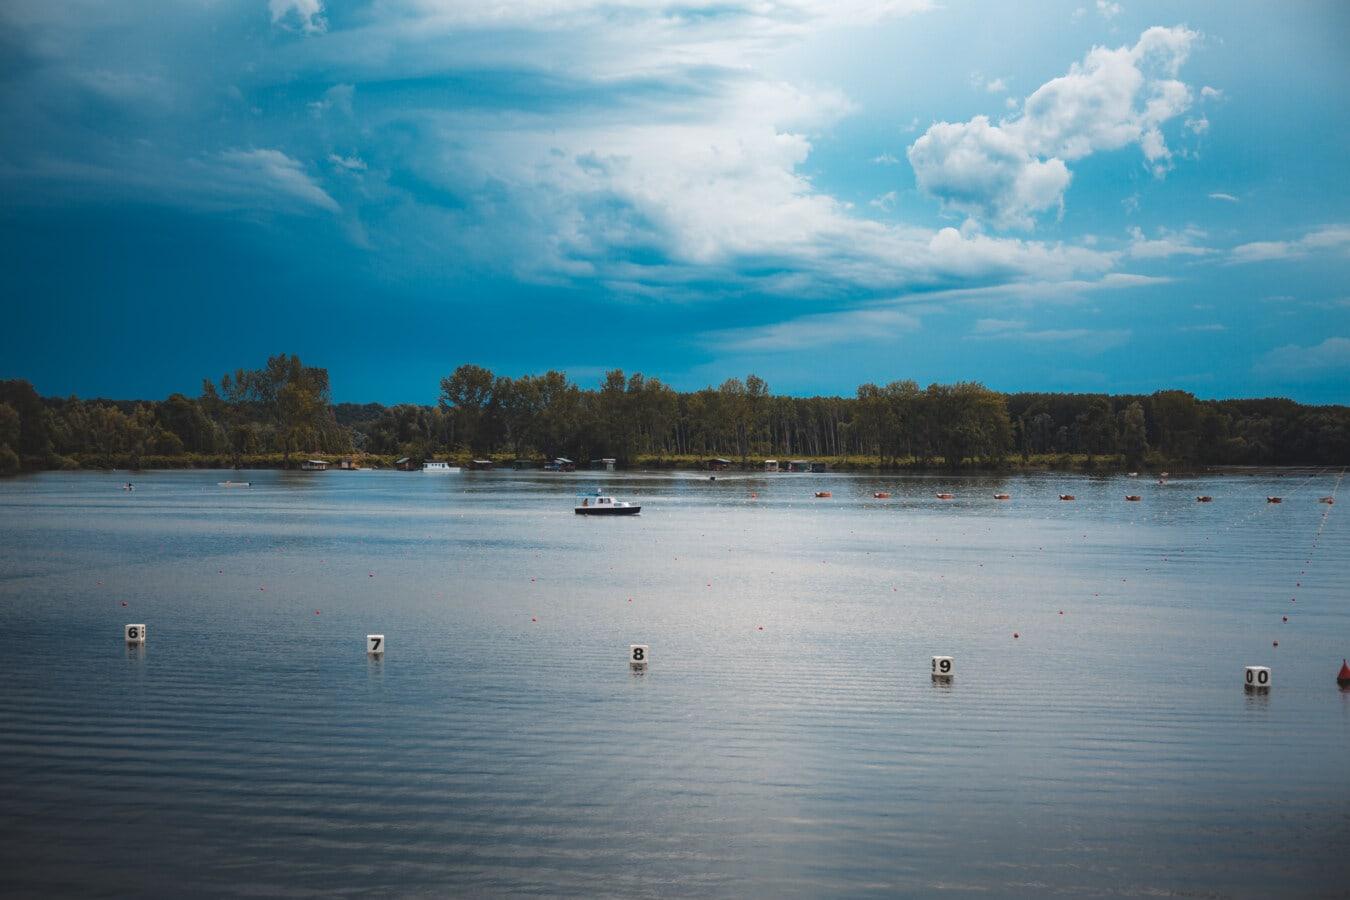 nuages, vent, ciel bleu, Lac, rive, bassin, paysage, eau, coucher de soleil, réflexion